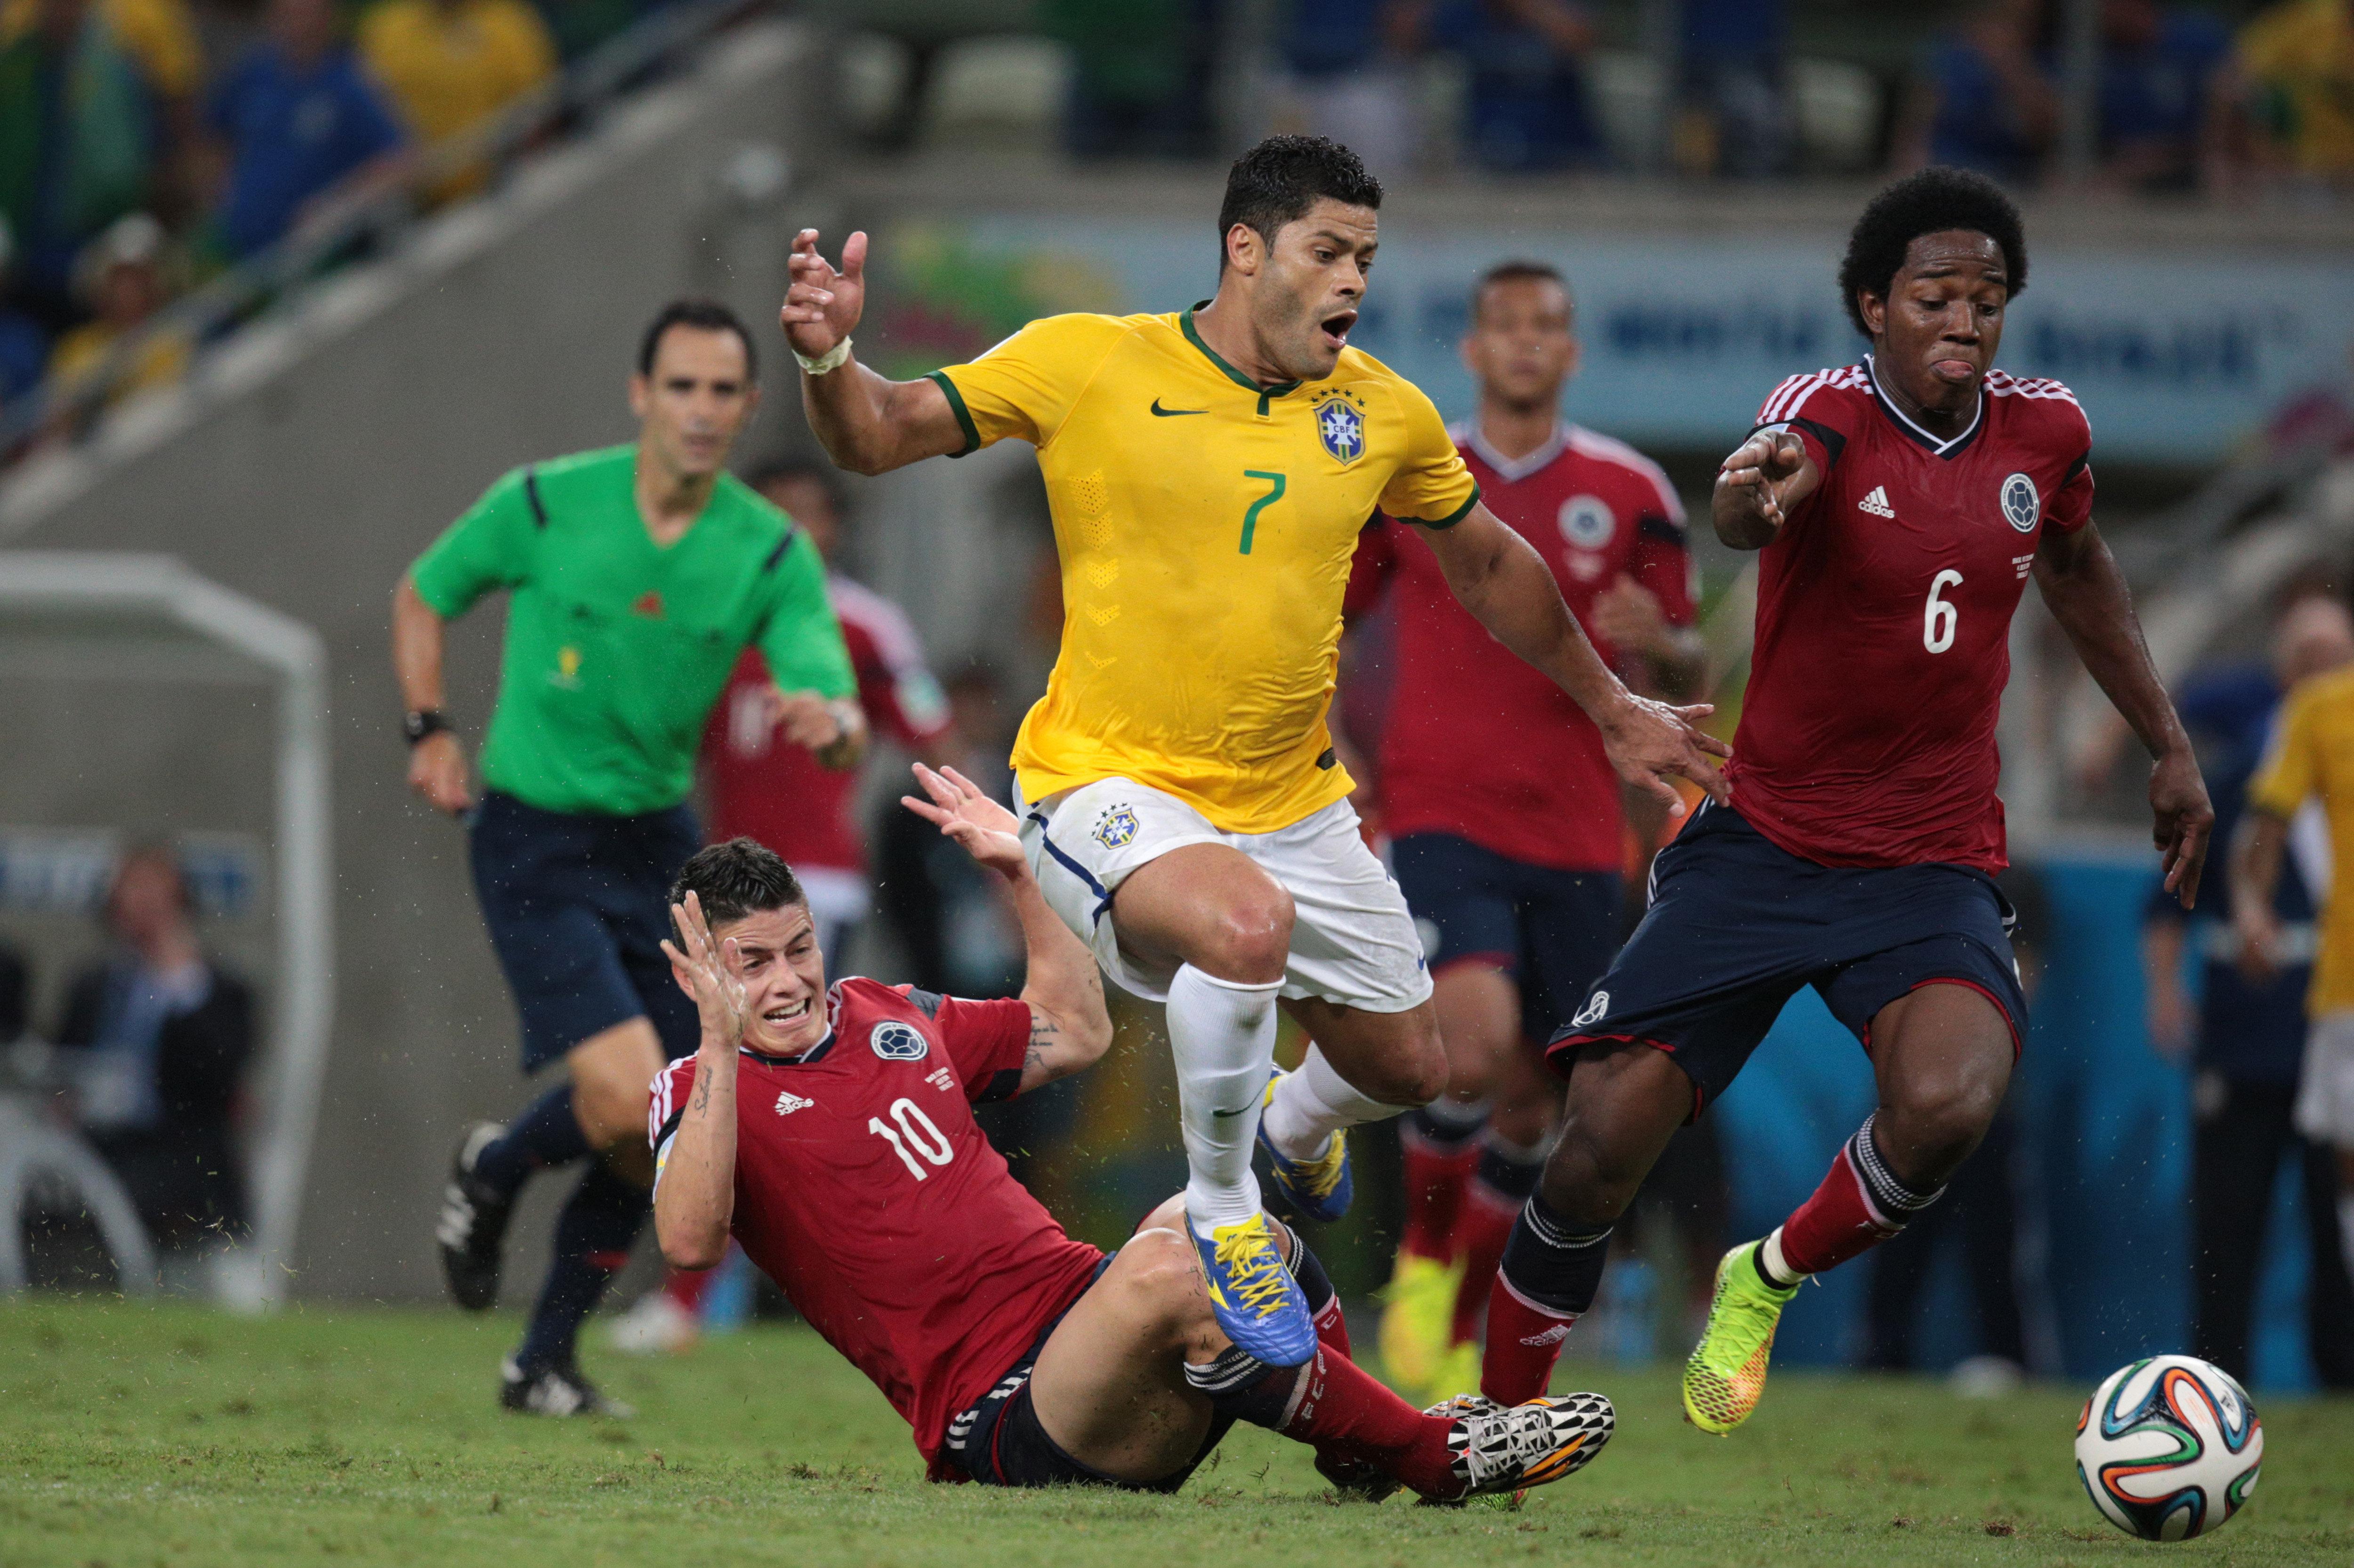 Экс-игрок санкт-петербургского Зенита и сборной Бразилии – один из тех, кто оставил сборную Колумбии без полуфинала на ЧМ-2014